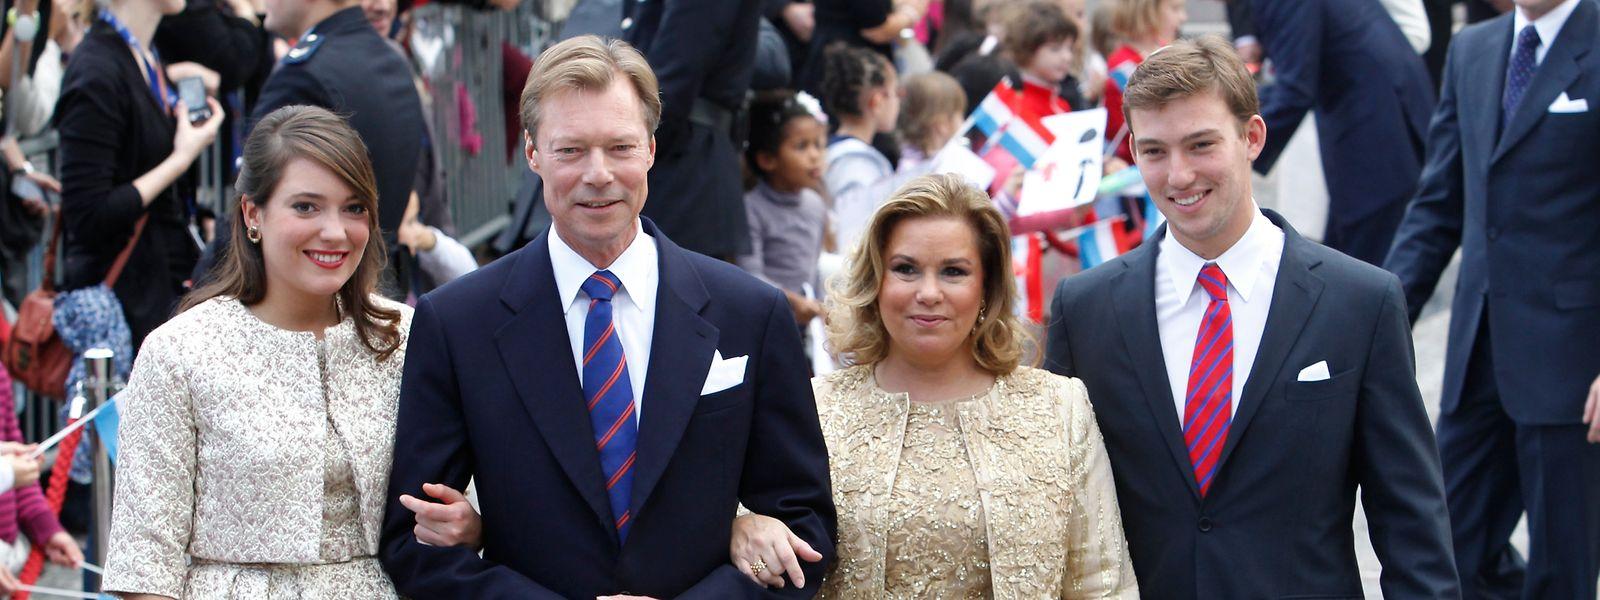 Ce sera un voyage père-fille pour le Grand-Duc et la princesse